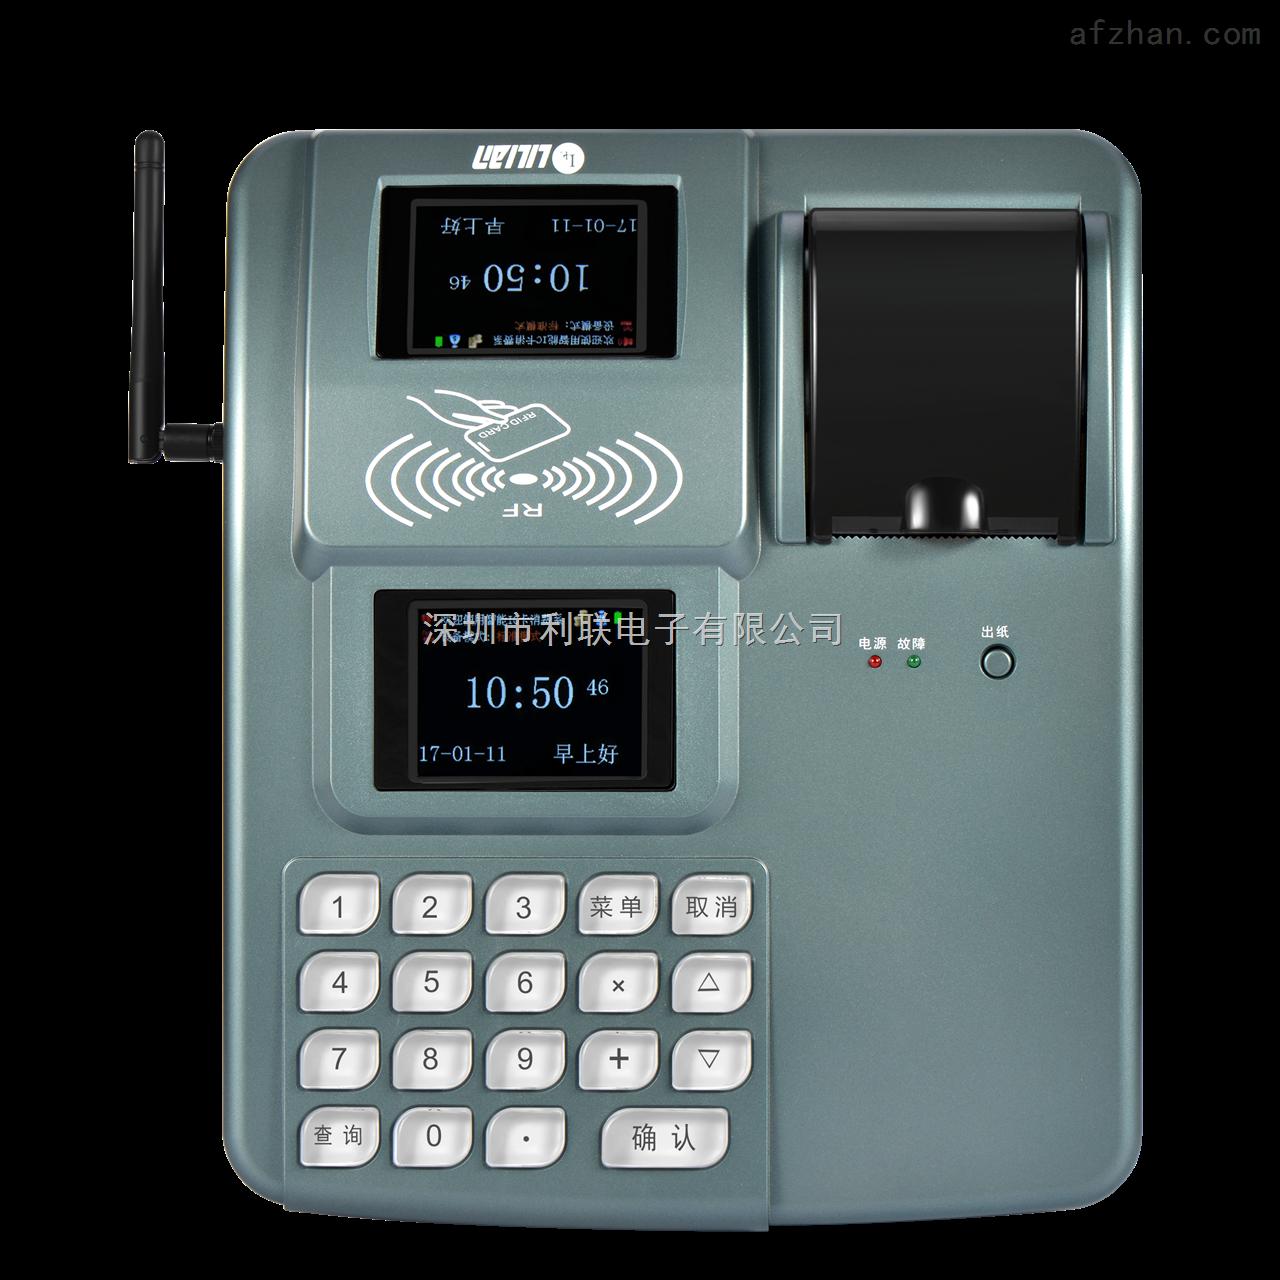 台式433无线联网 彩屏小票打印一体消费机